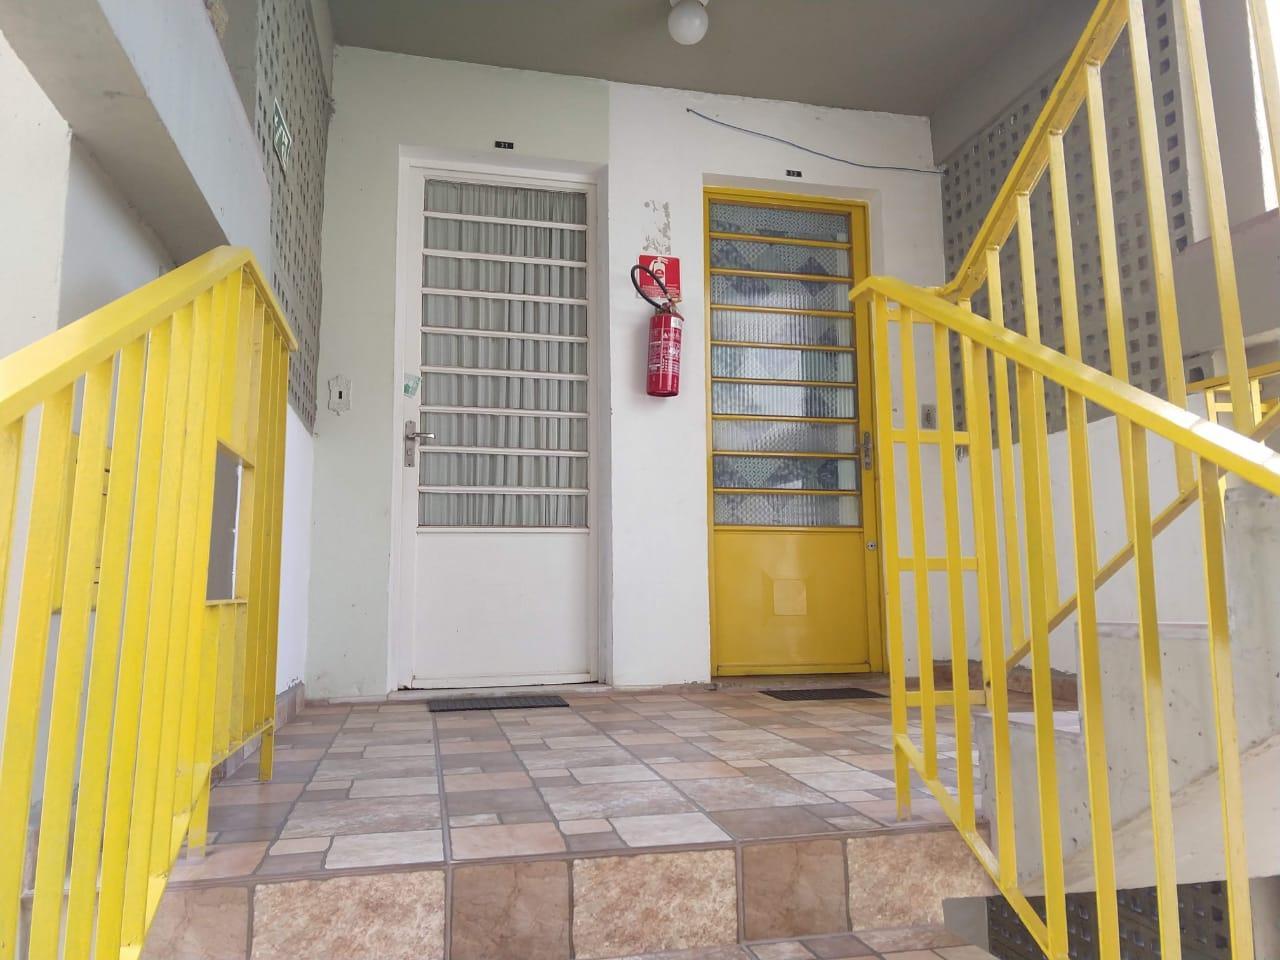 Apartamento com 2 dormitórios à venda, 58 m² por R$ 100.000 - Núcleo Residencial João Magi - Itatiba/SP